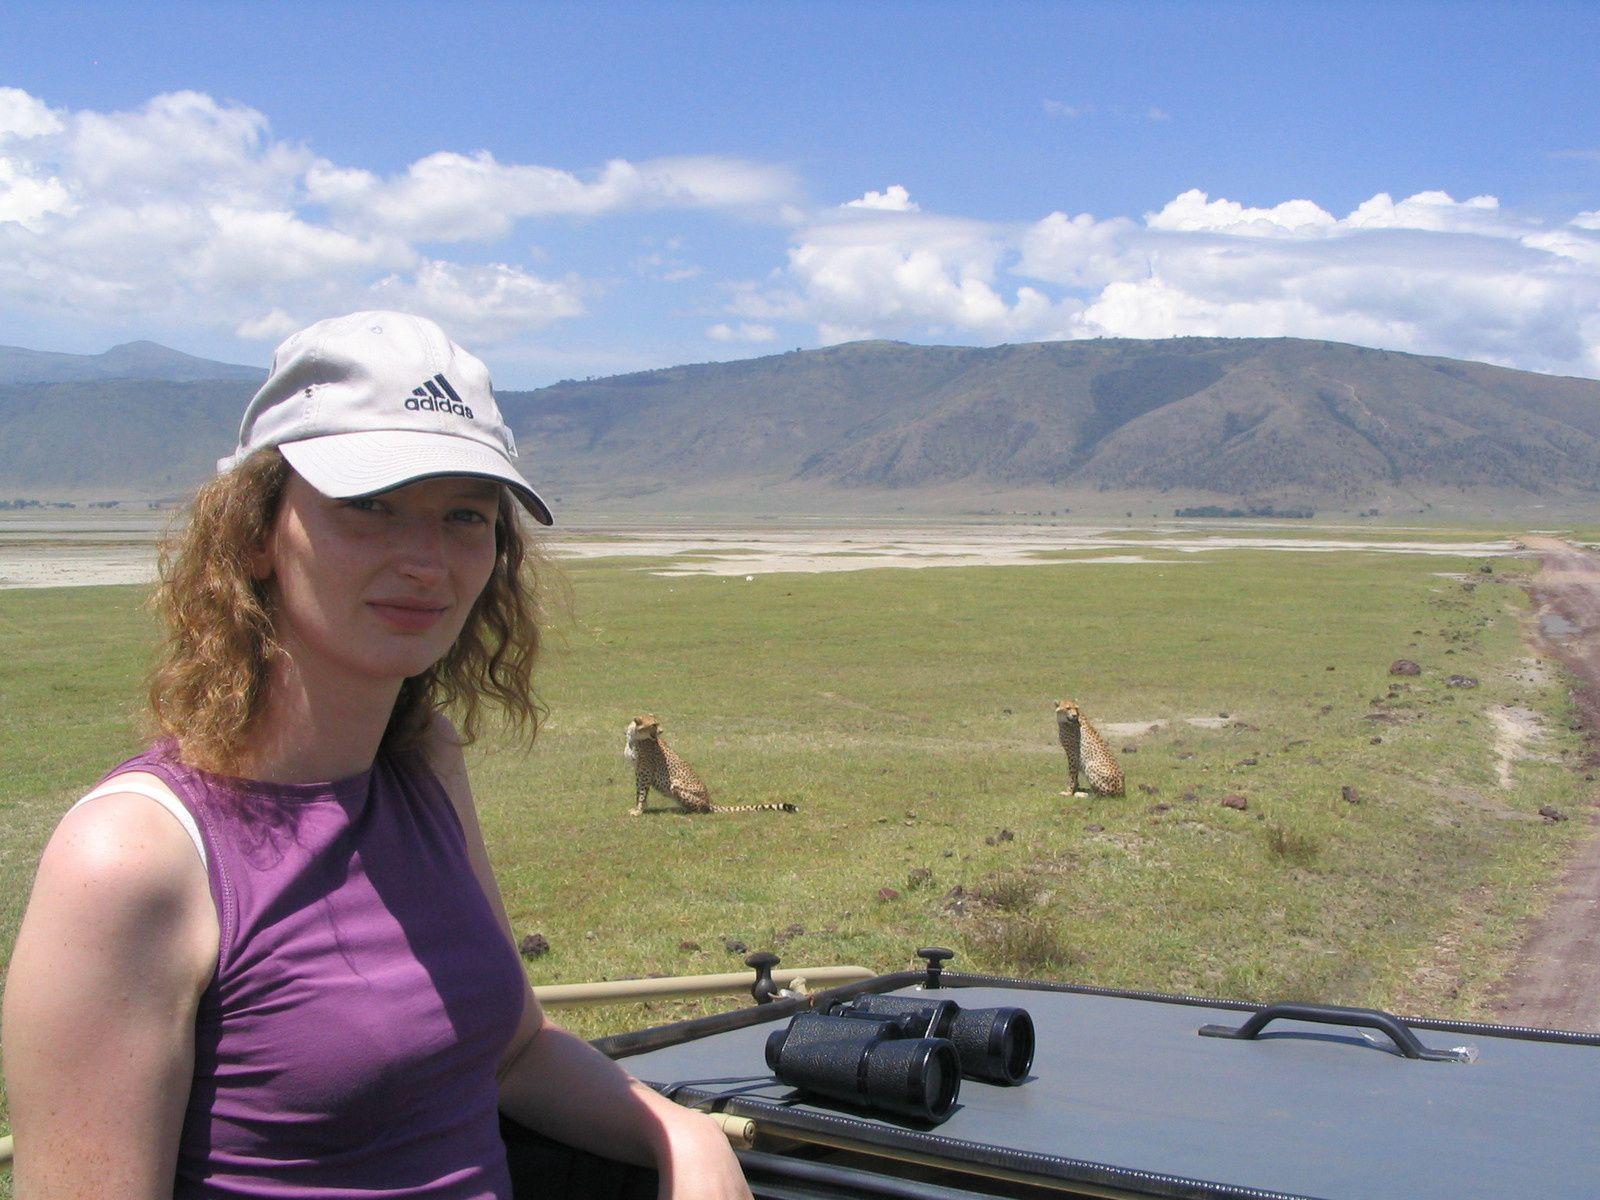 Safari dans le cratère du Ngorongoro - Tanzanie